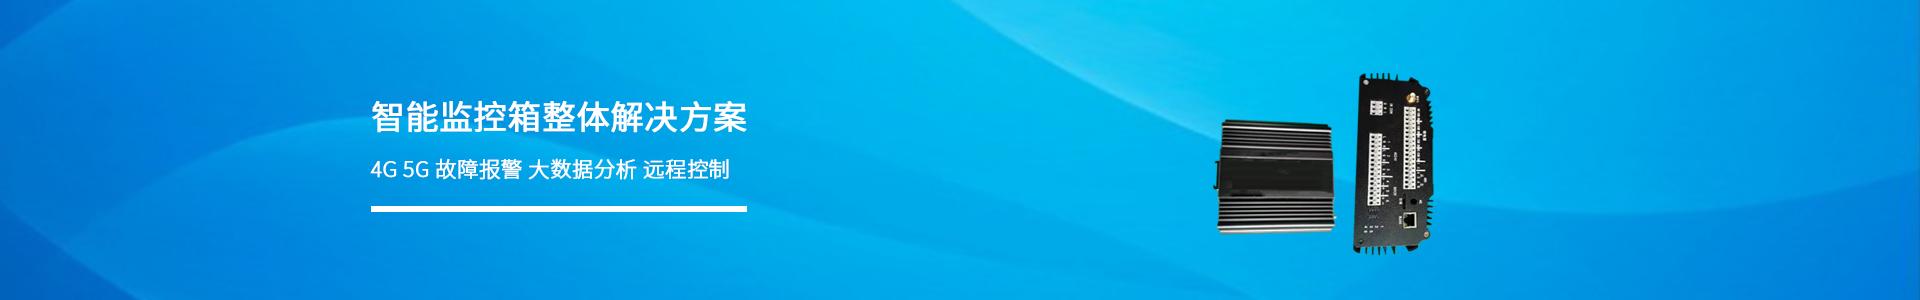 [:zh]平安城市监控箱解决方案[:]